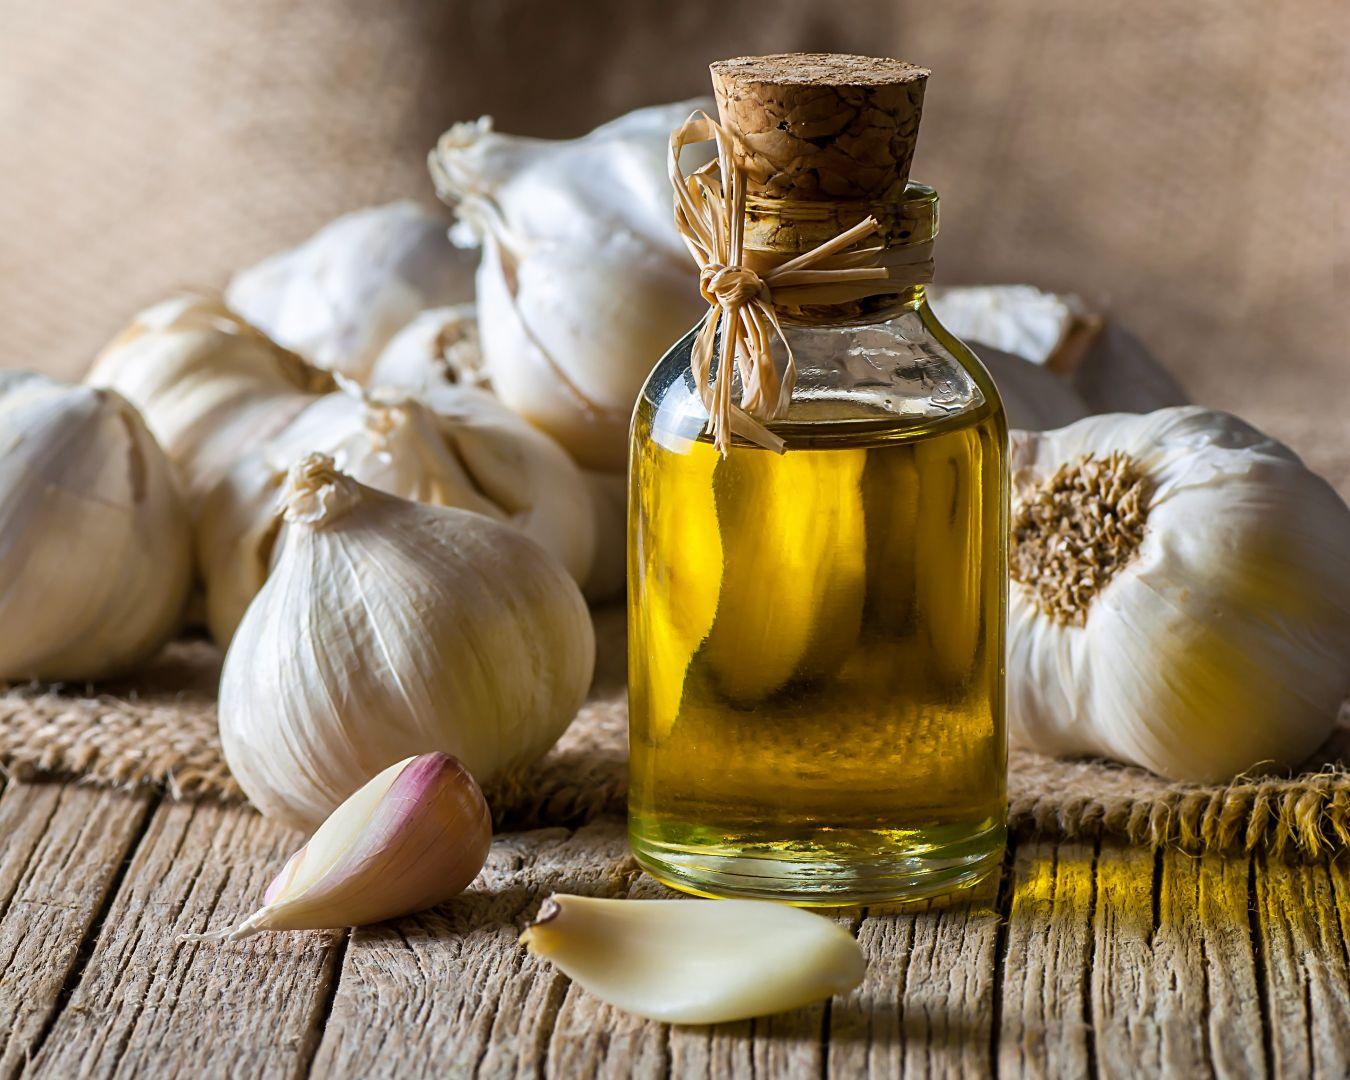 bote de aceite de oliva y dientes de ajo